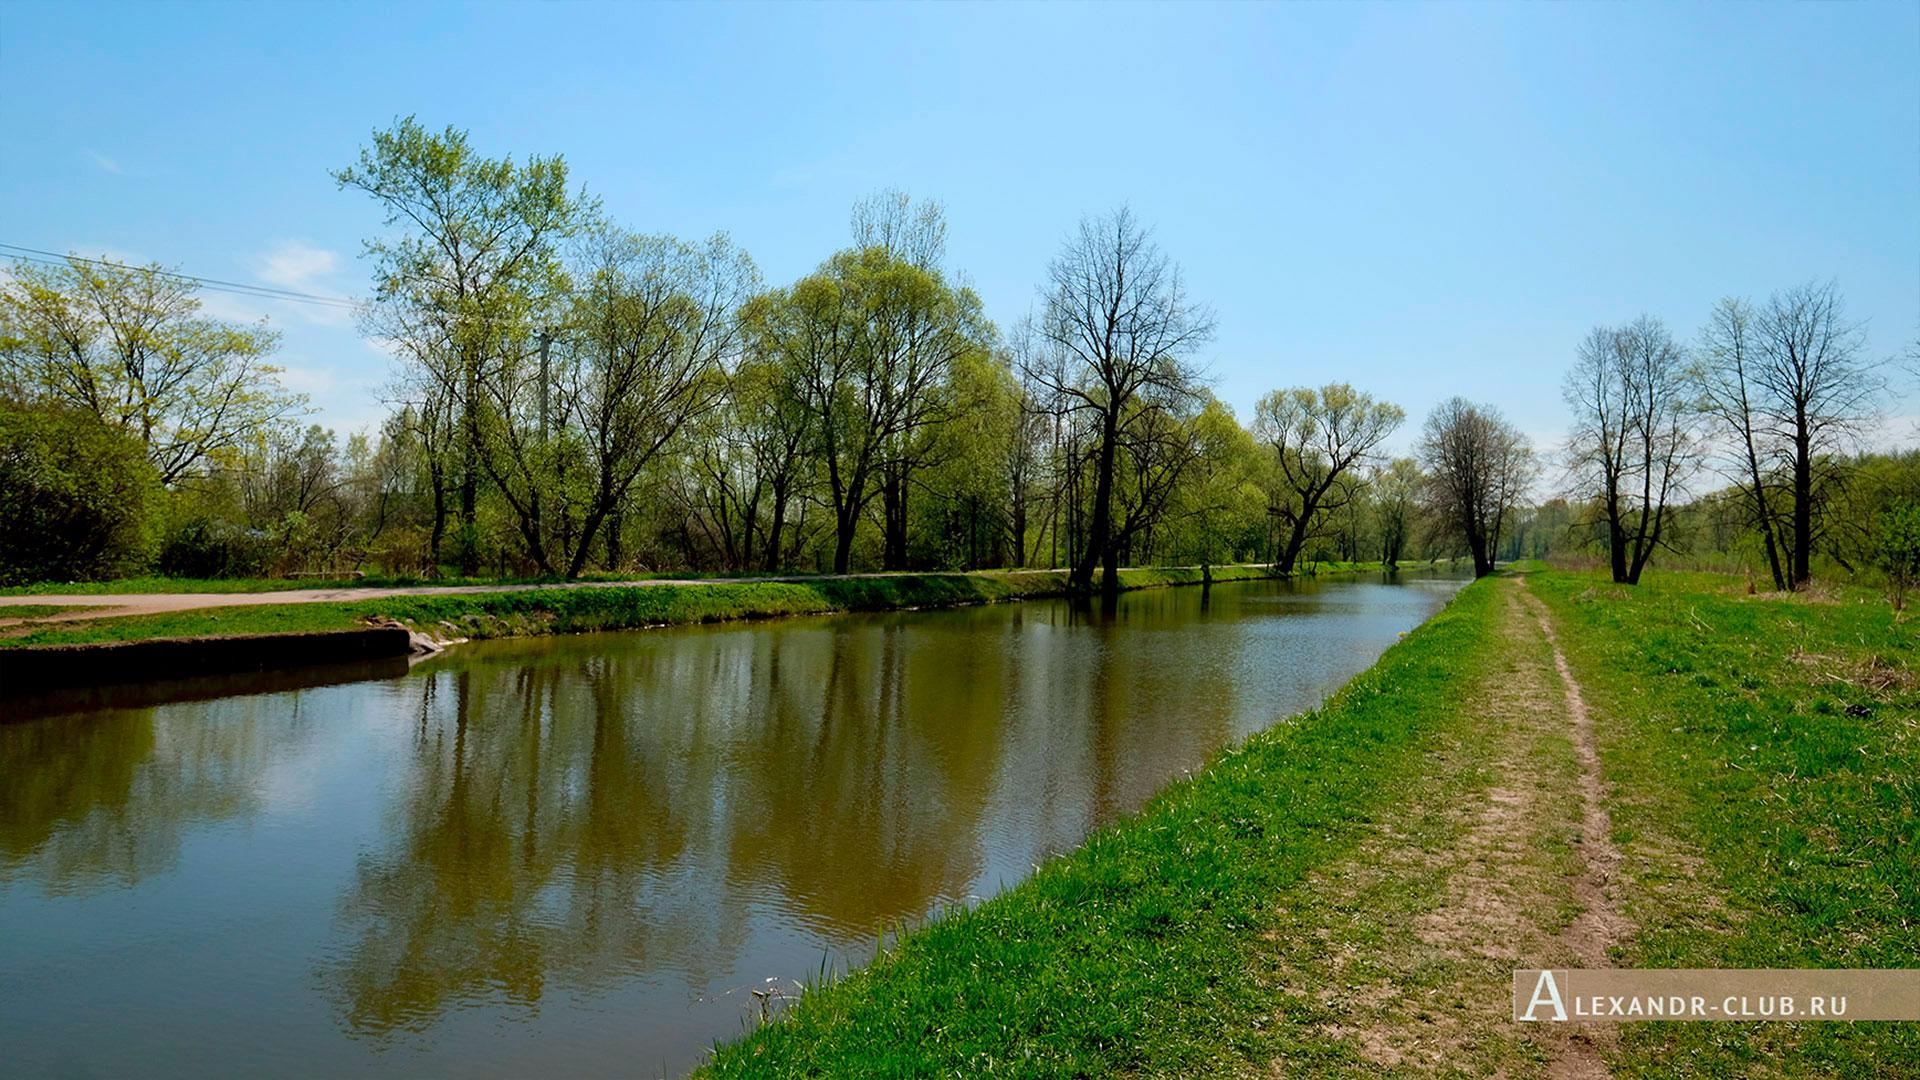 Петергоф, Луговой парк, весна, Старопетергофский канал – 1